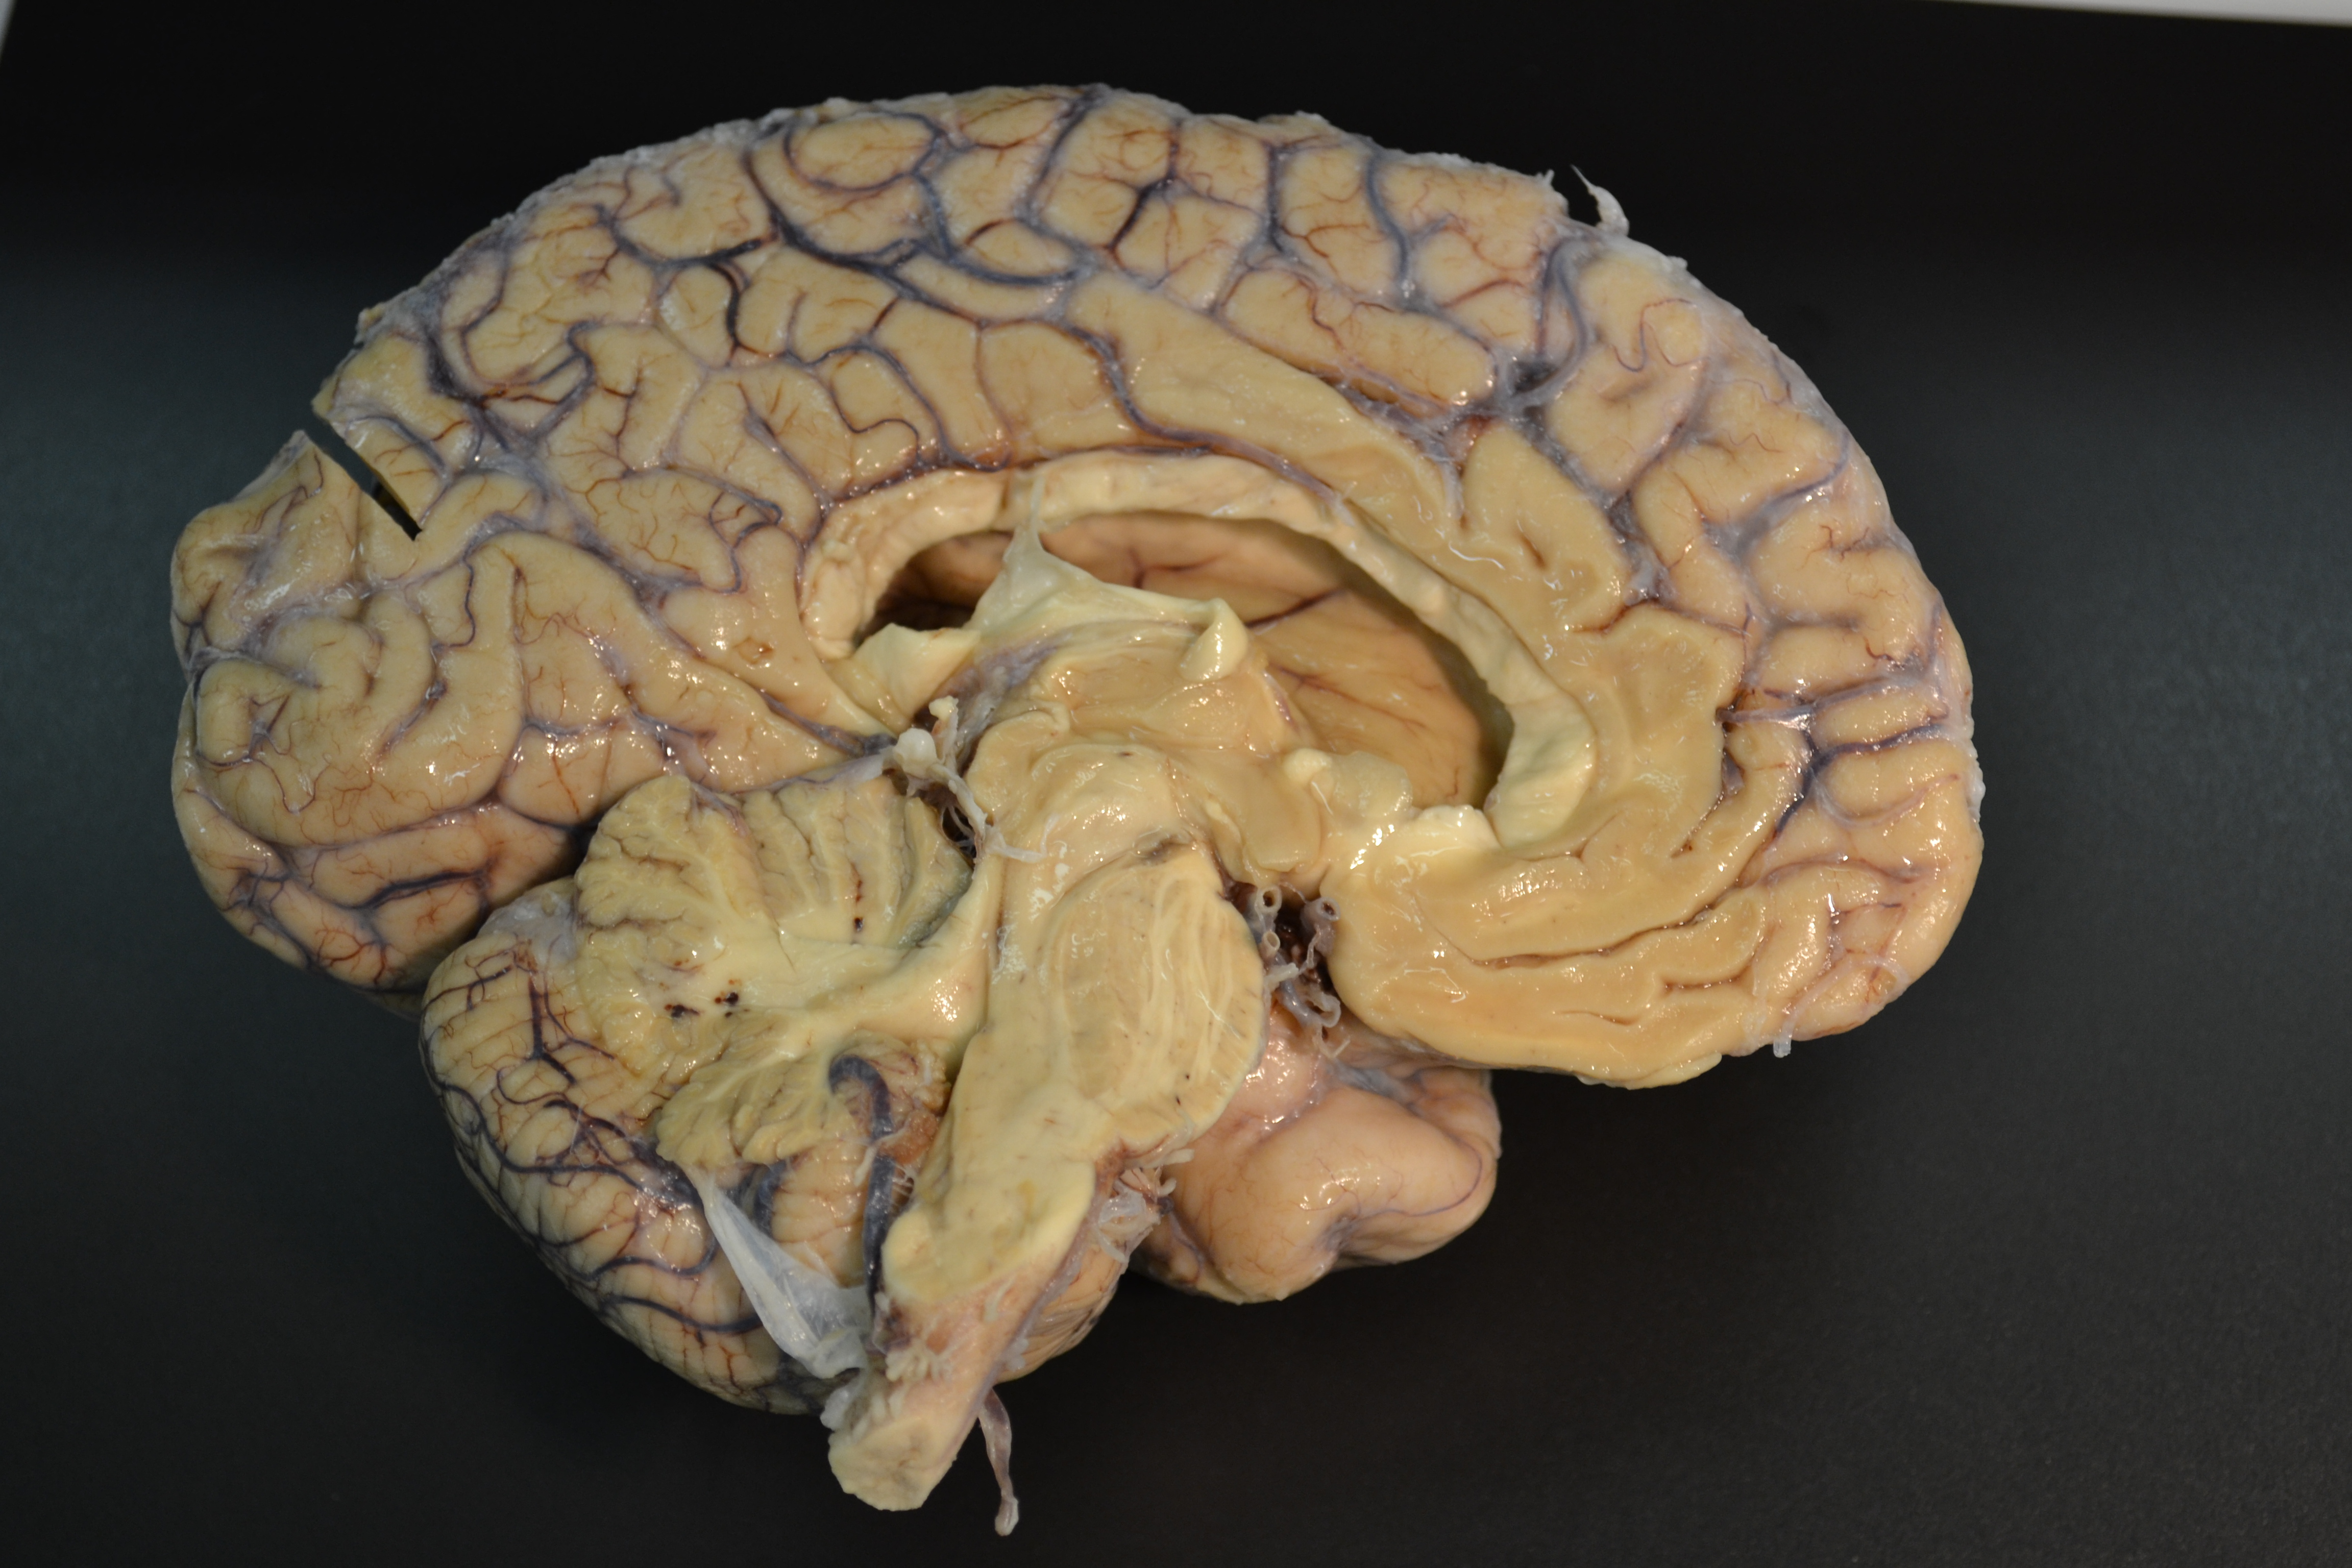 La Universidad de Salamanca invita a descubrir los misterios del cerebro